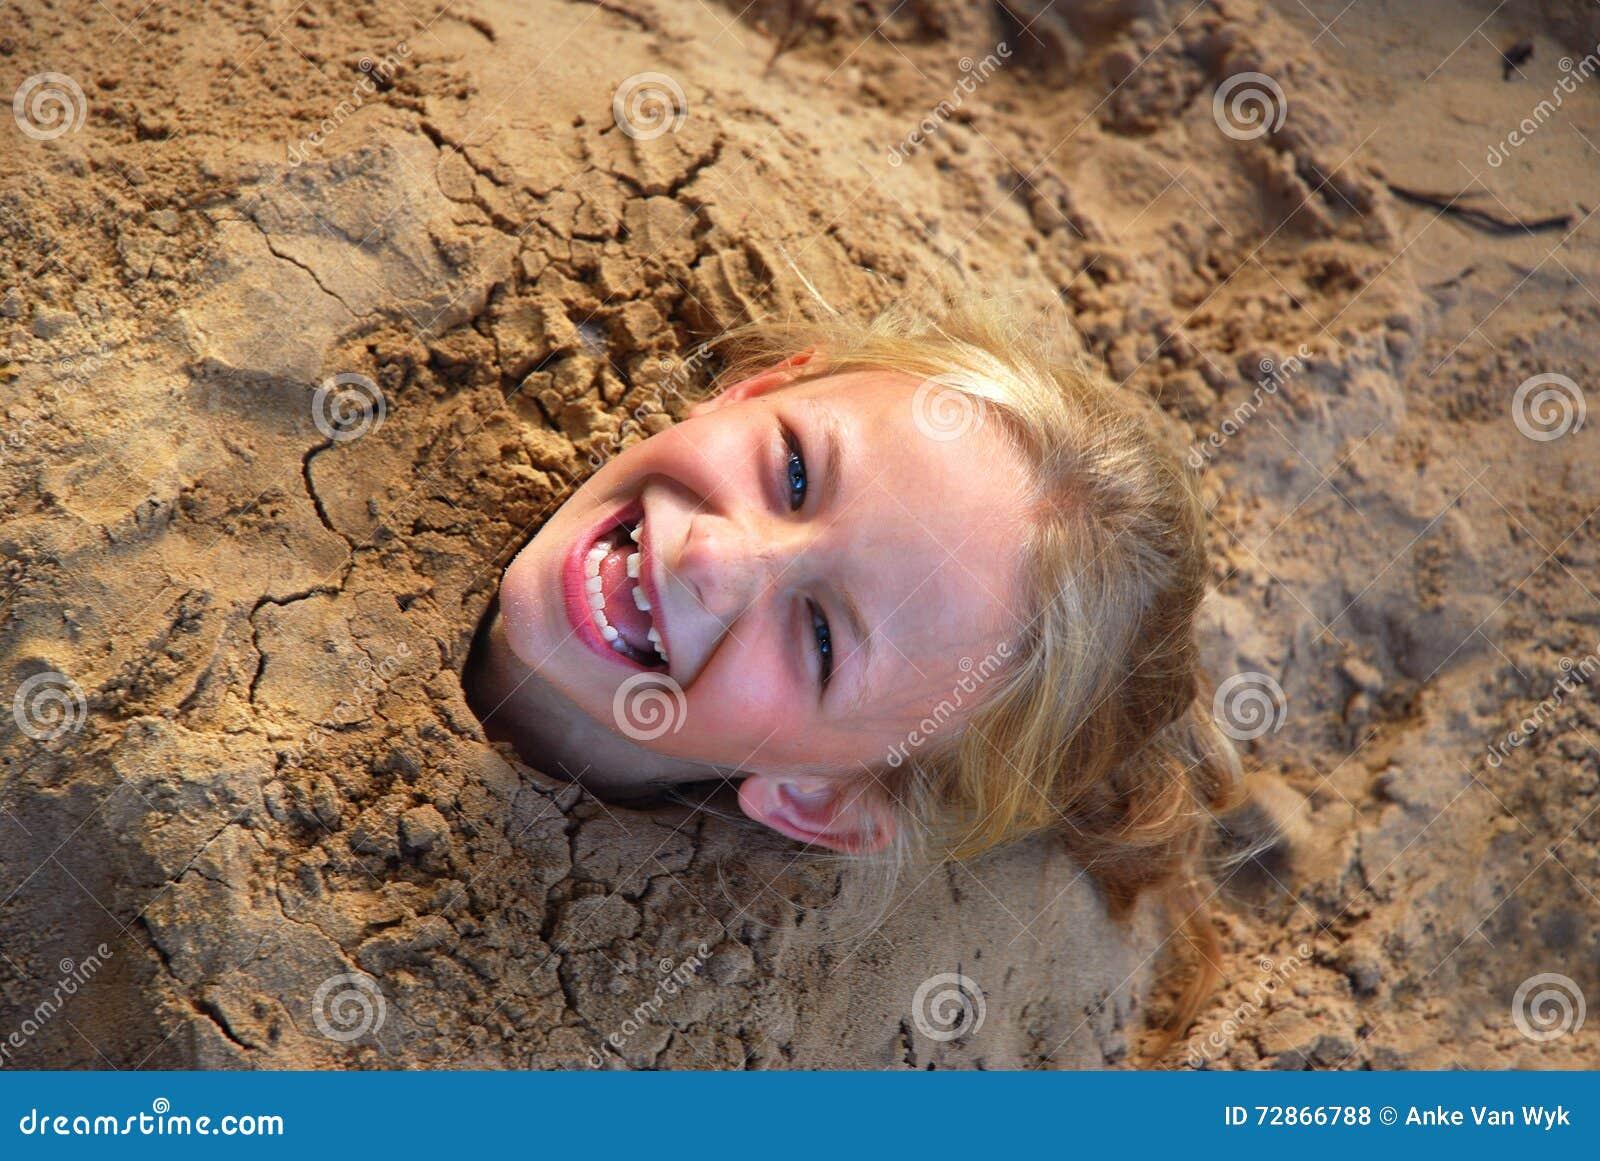 Μικρό κορίτσι που σκάβεται στην άμμο